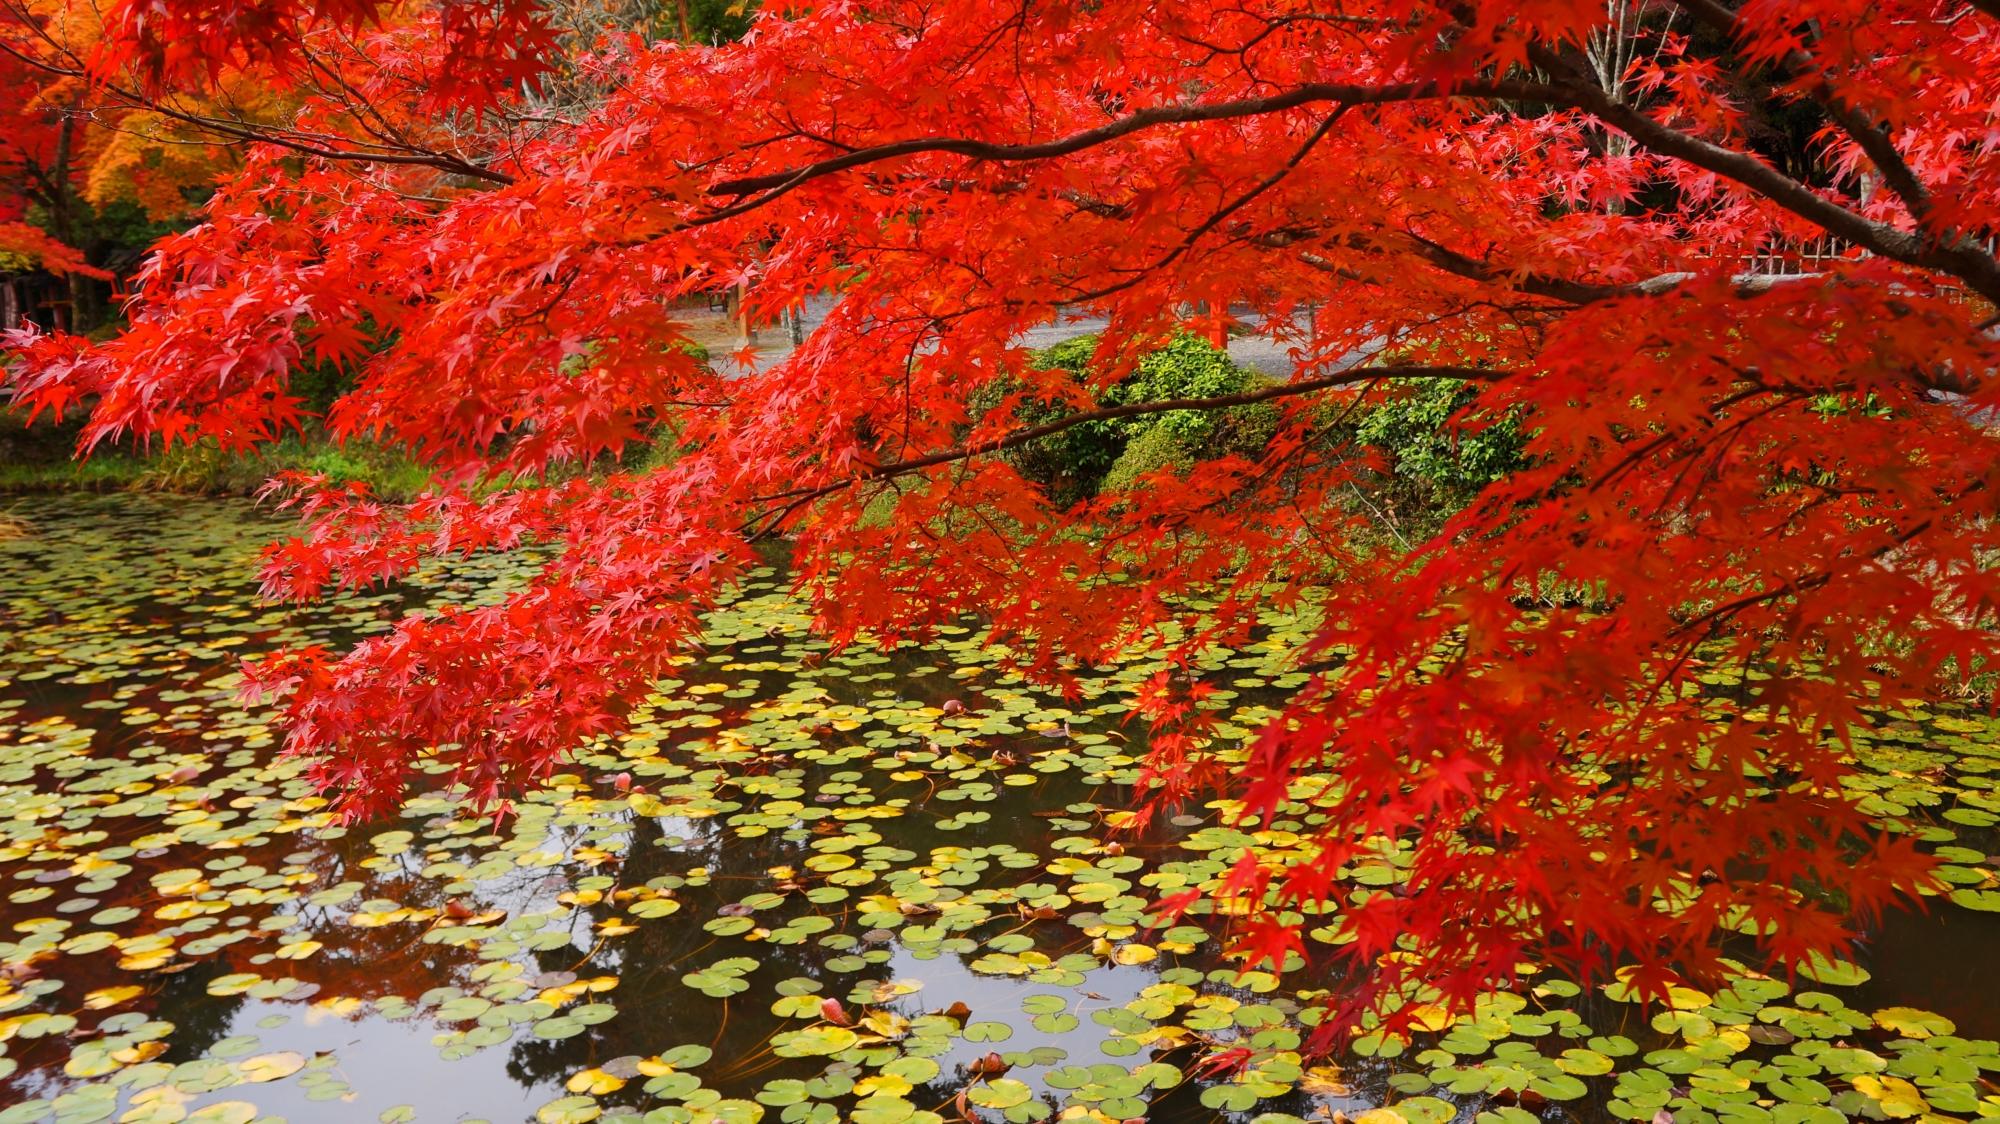 水辺と睡蓮の淡い緑の葉を染める真っ赤な紅葉